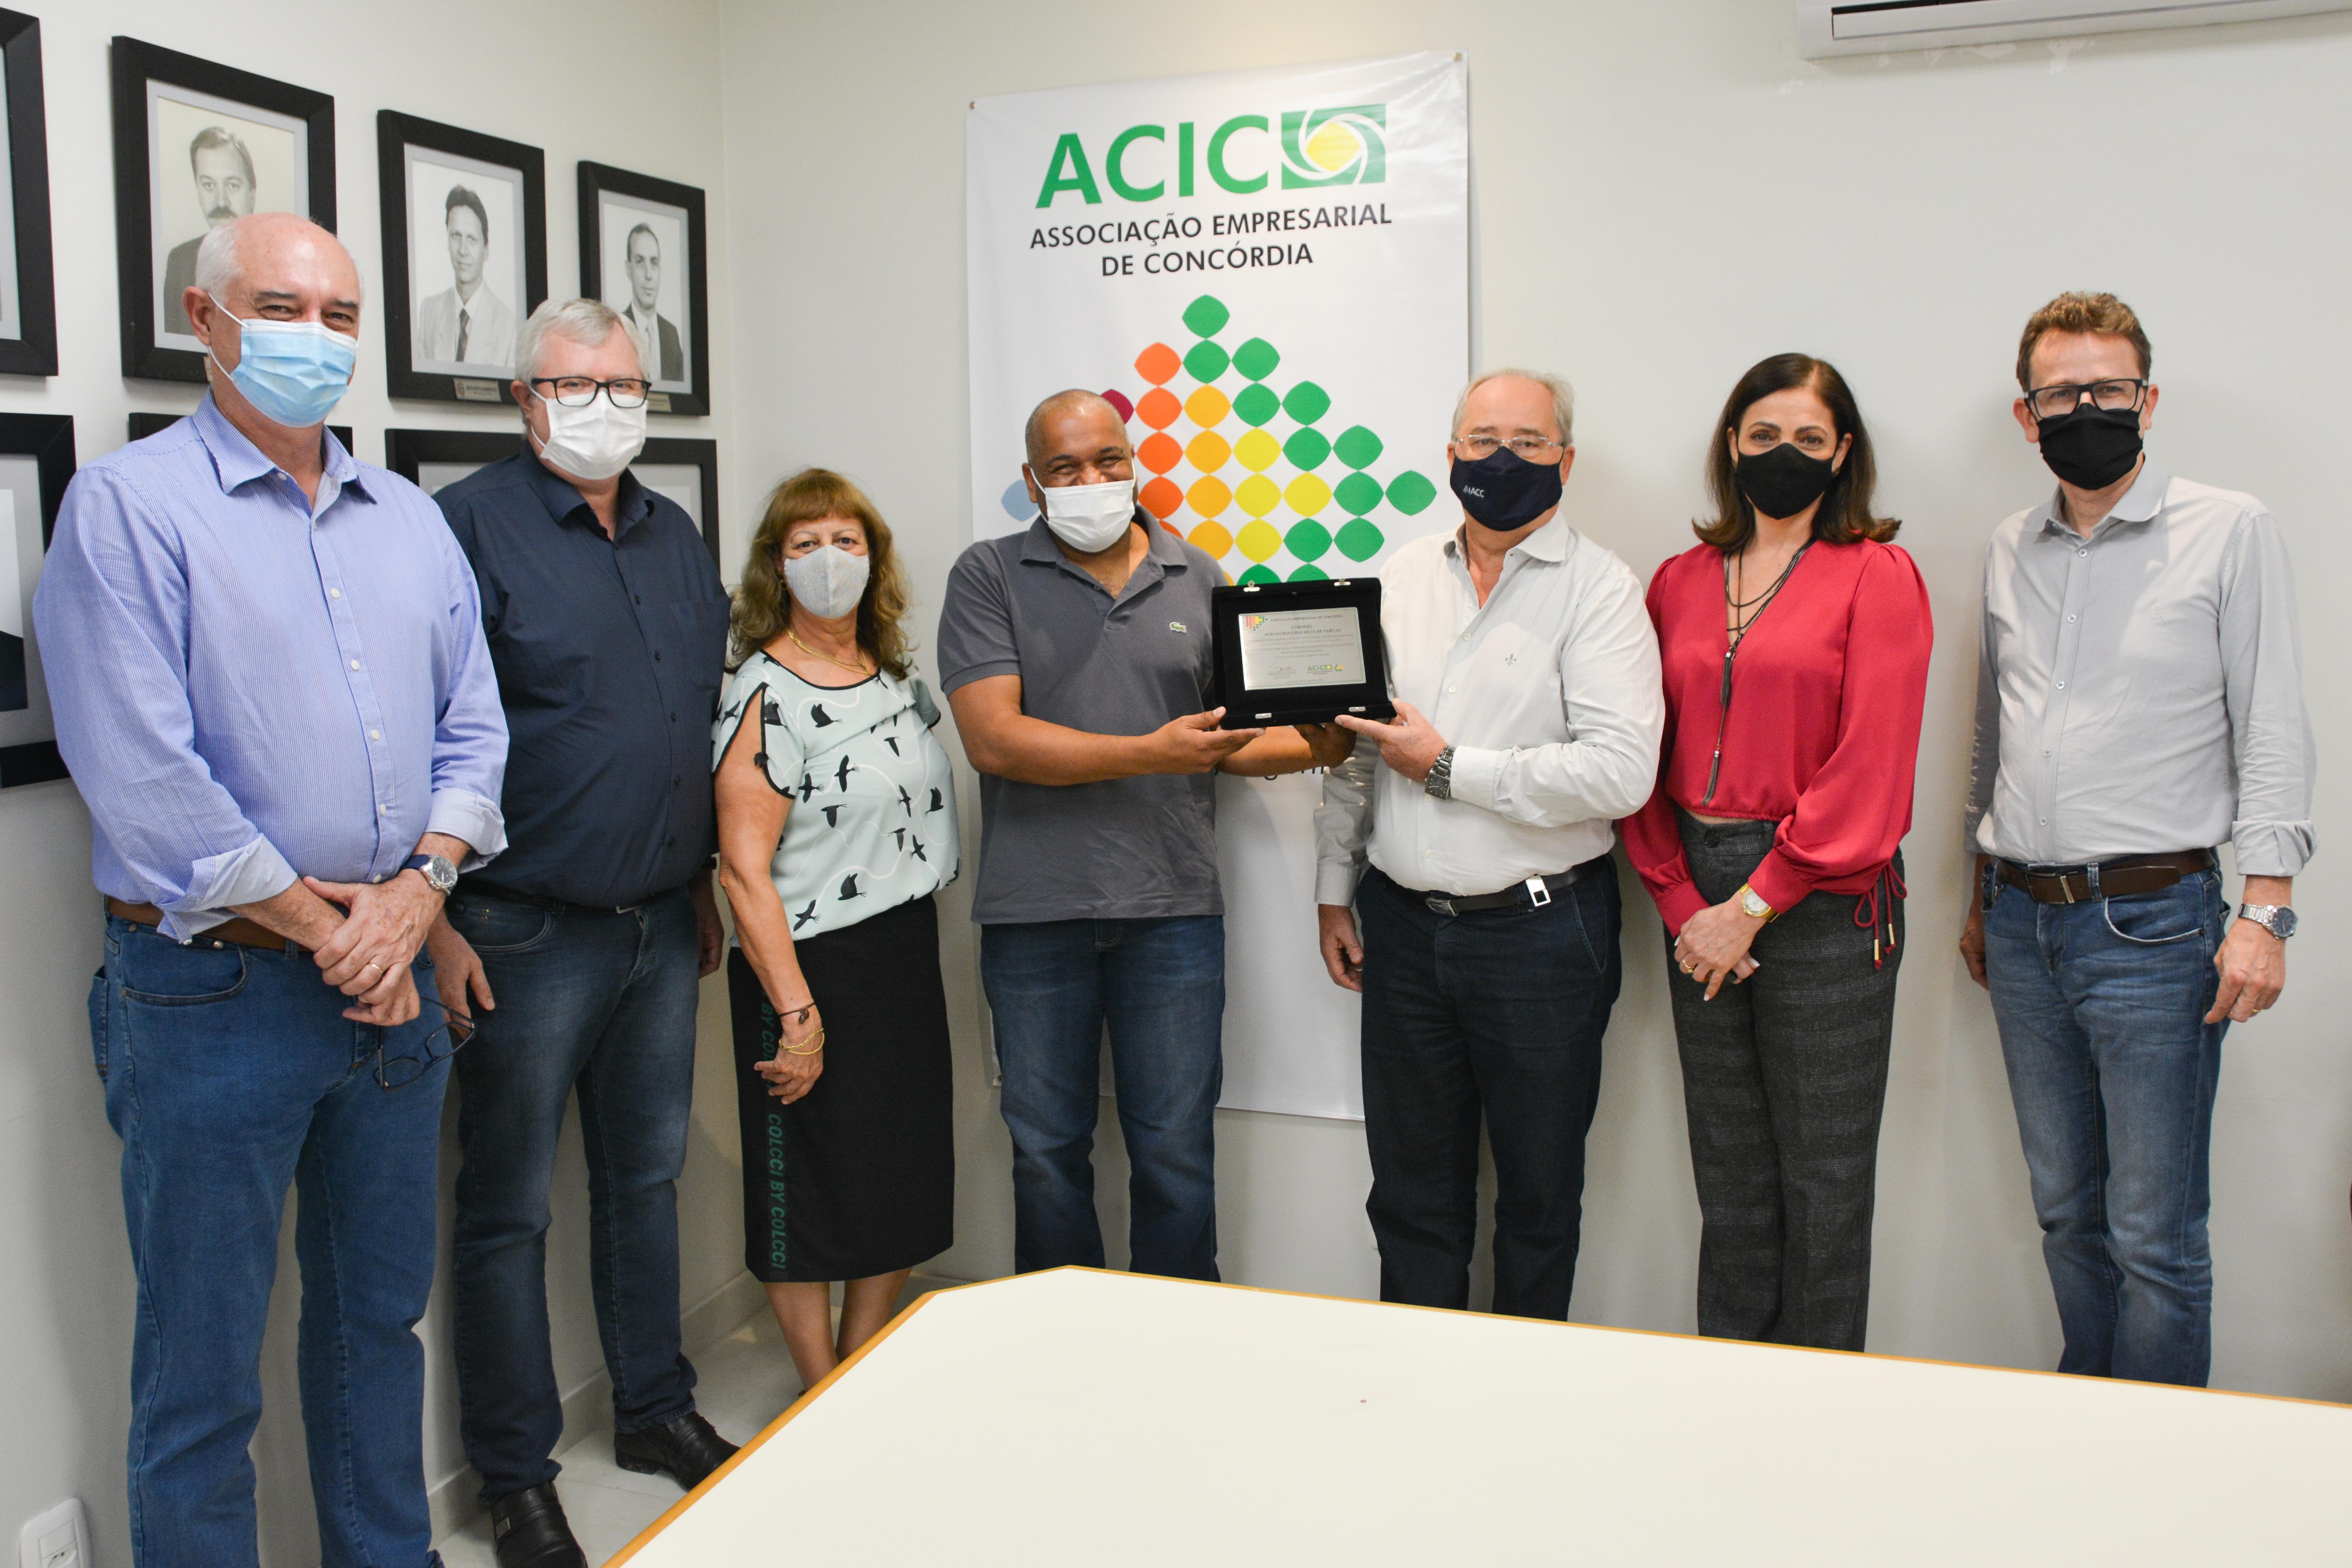 ACIC presta homenagem ao coronel Sérgio Vargas